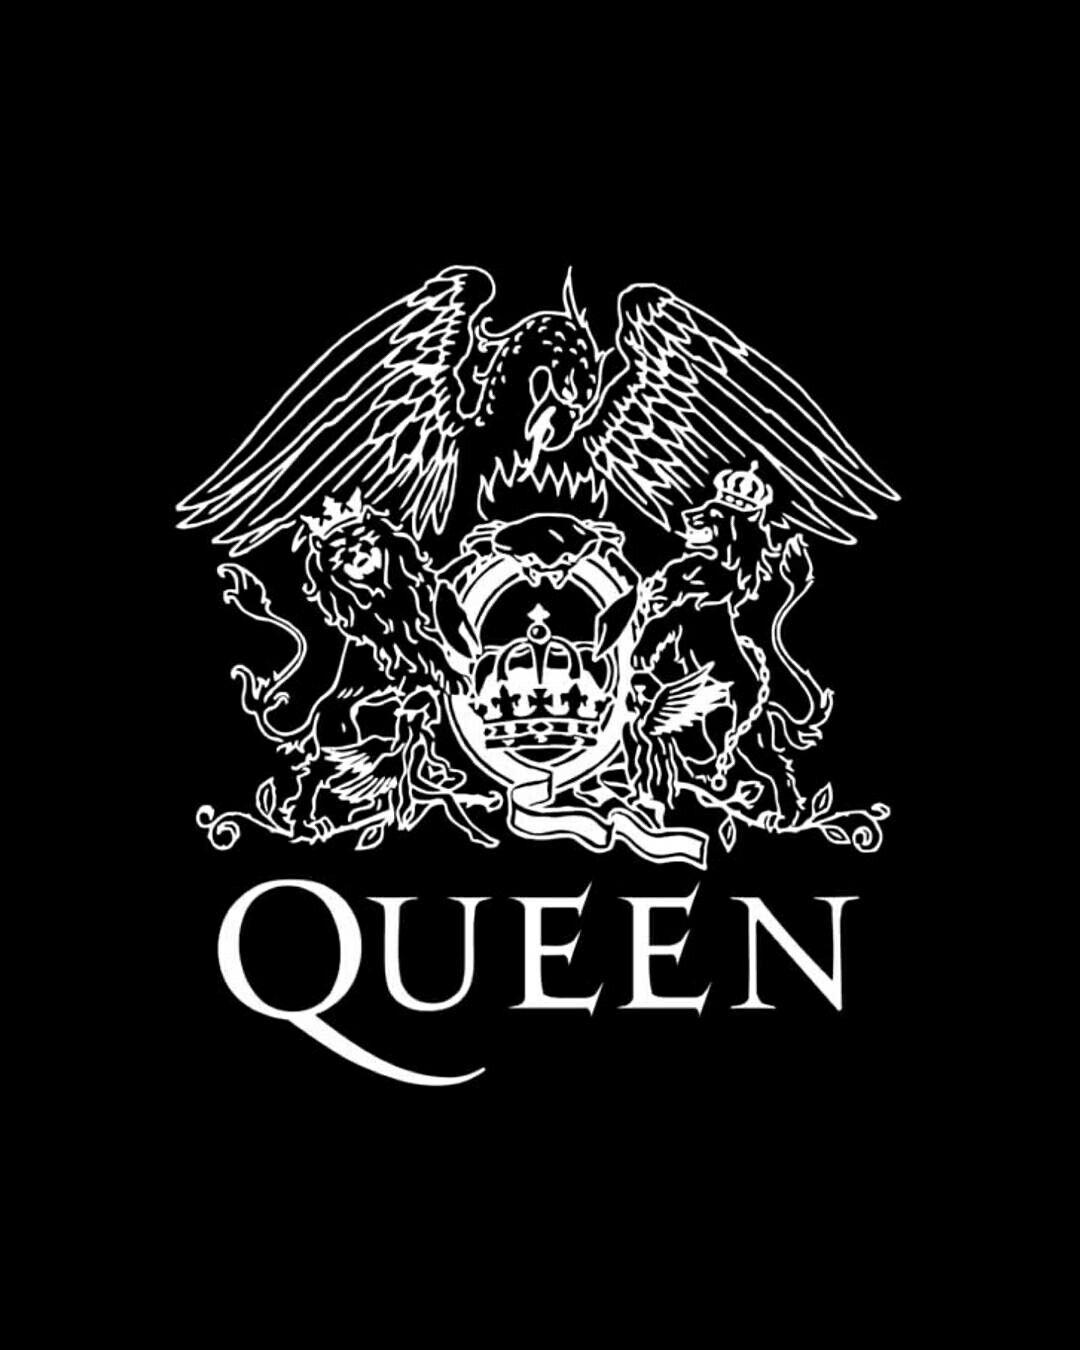 Superqueenfan667 Rock Band Logos Queen Band Queen Aesthetic